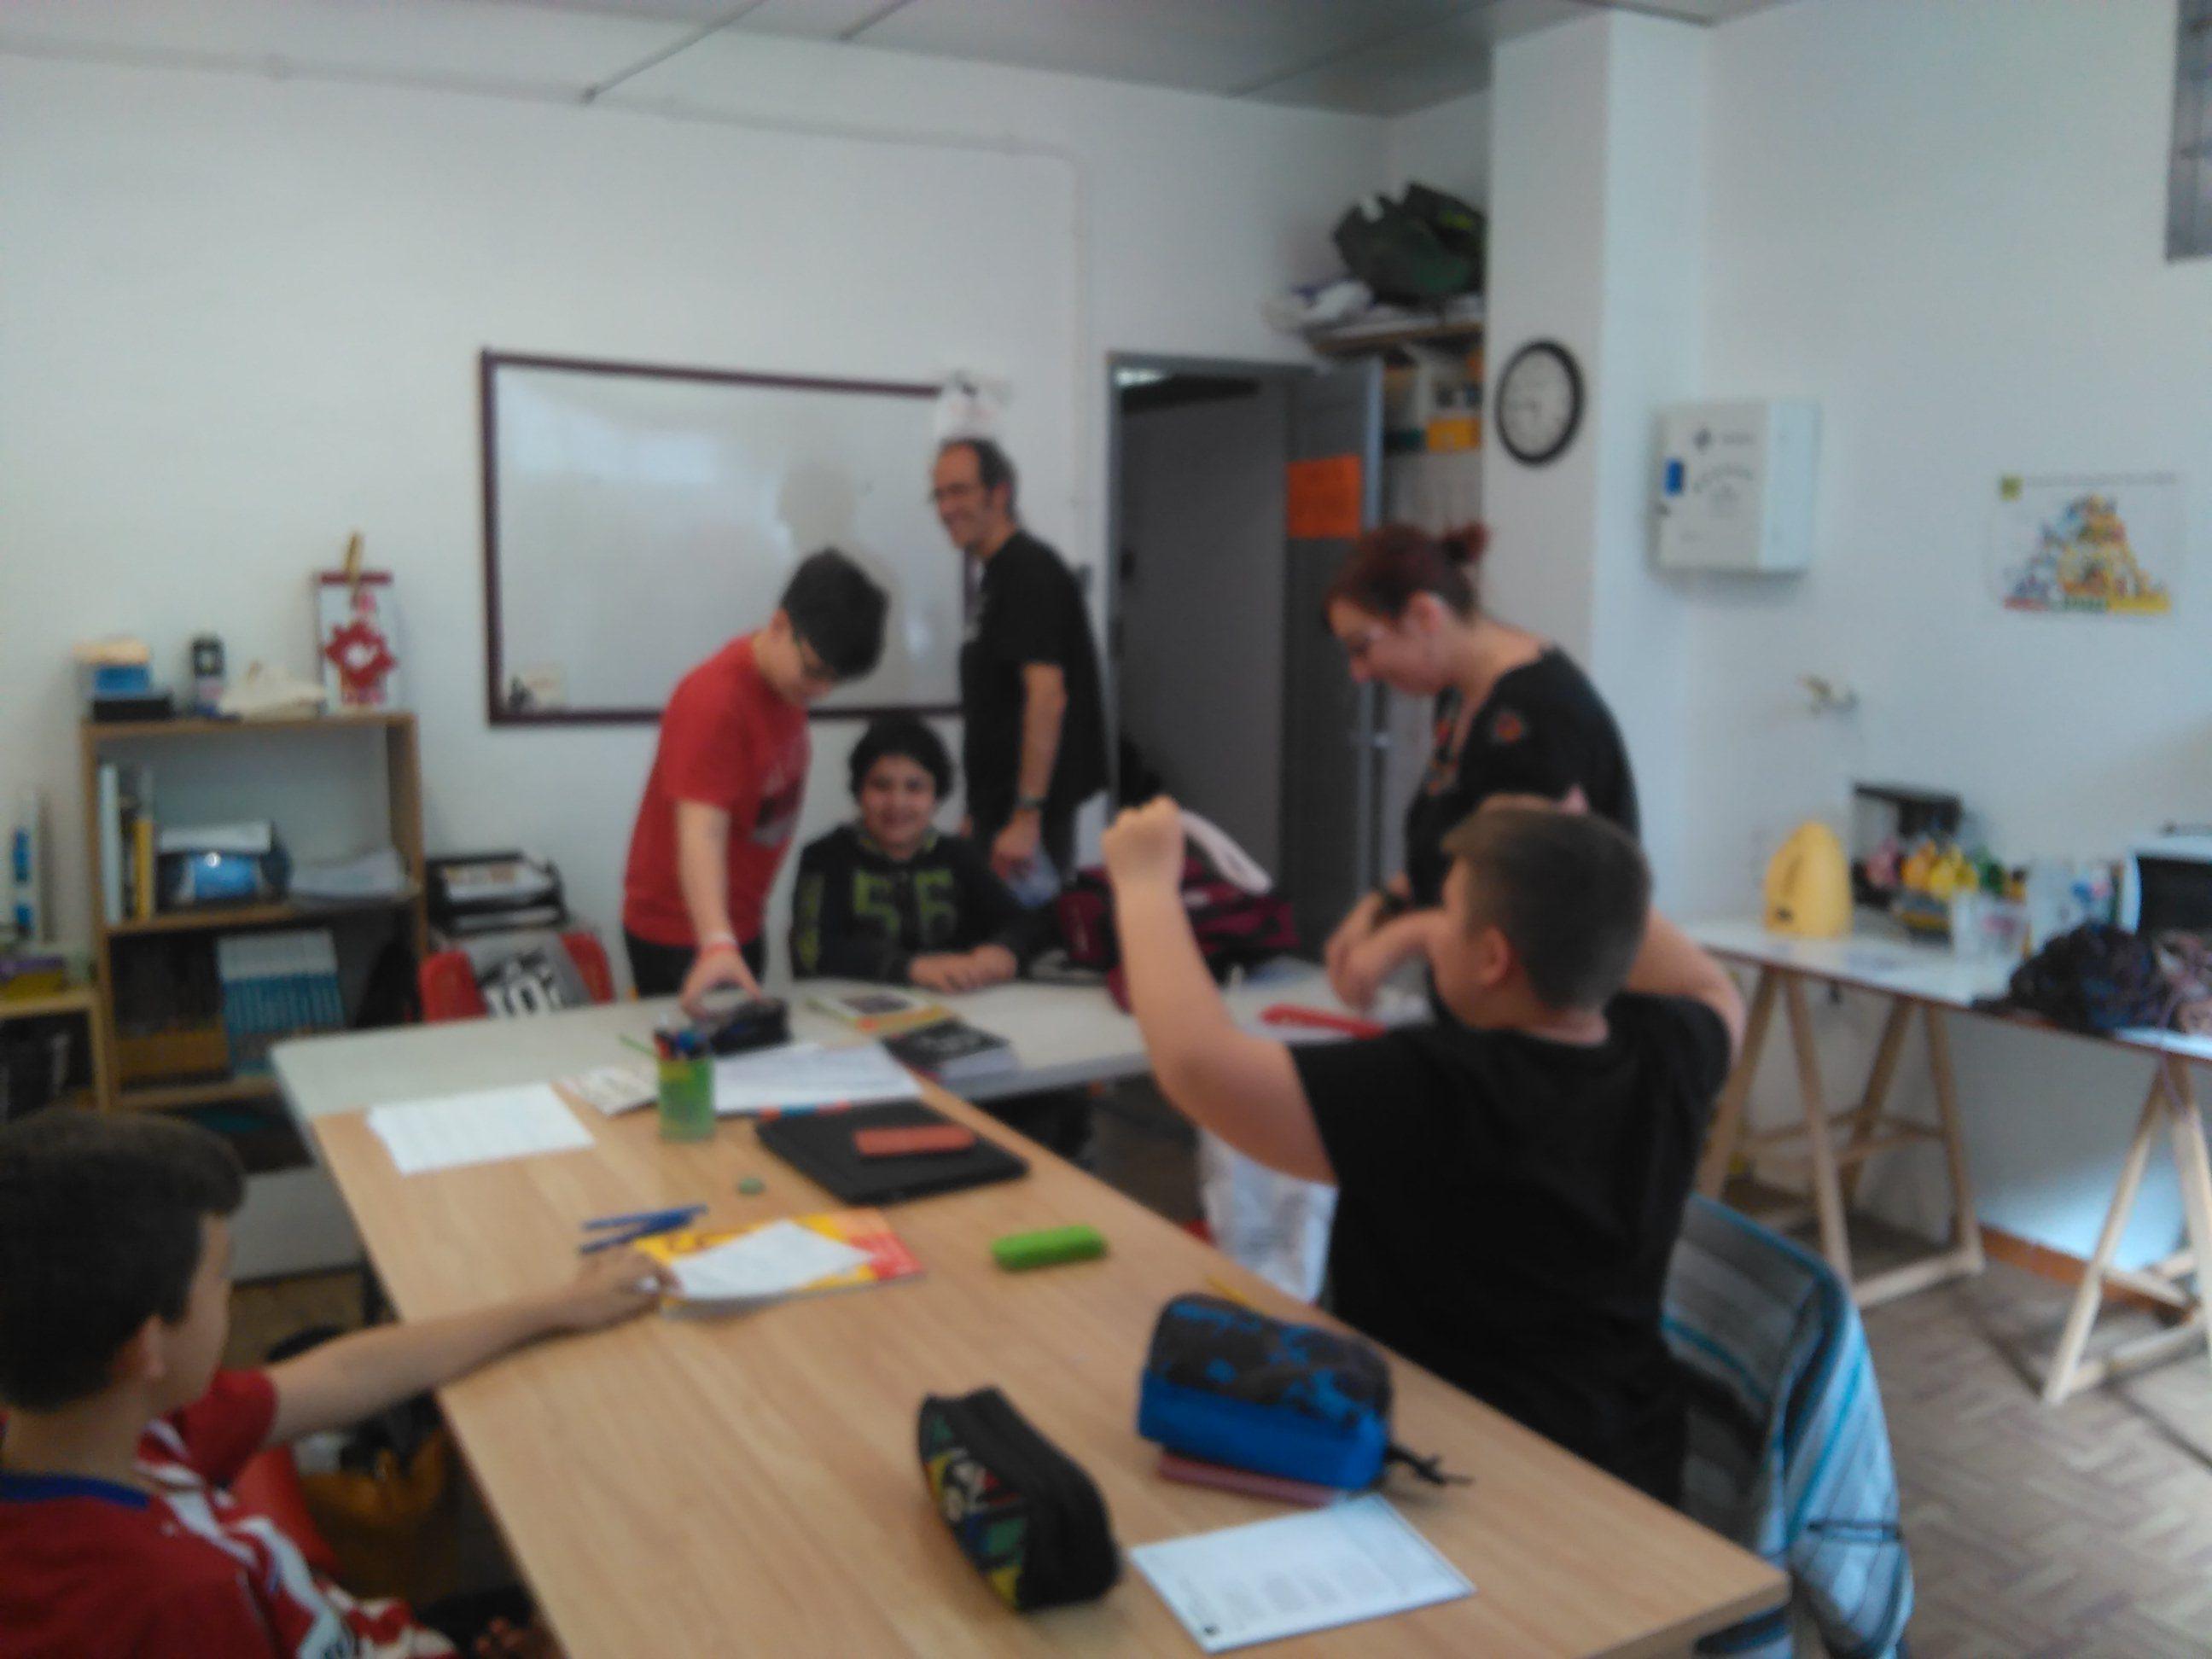 mayo espacio de aprendizaje (3)